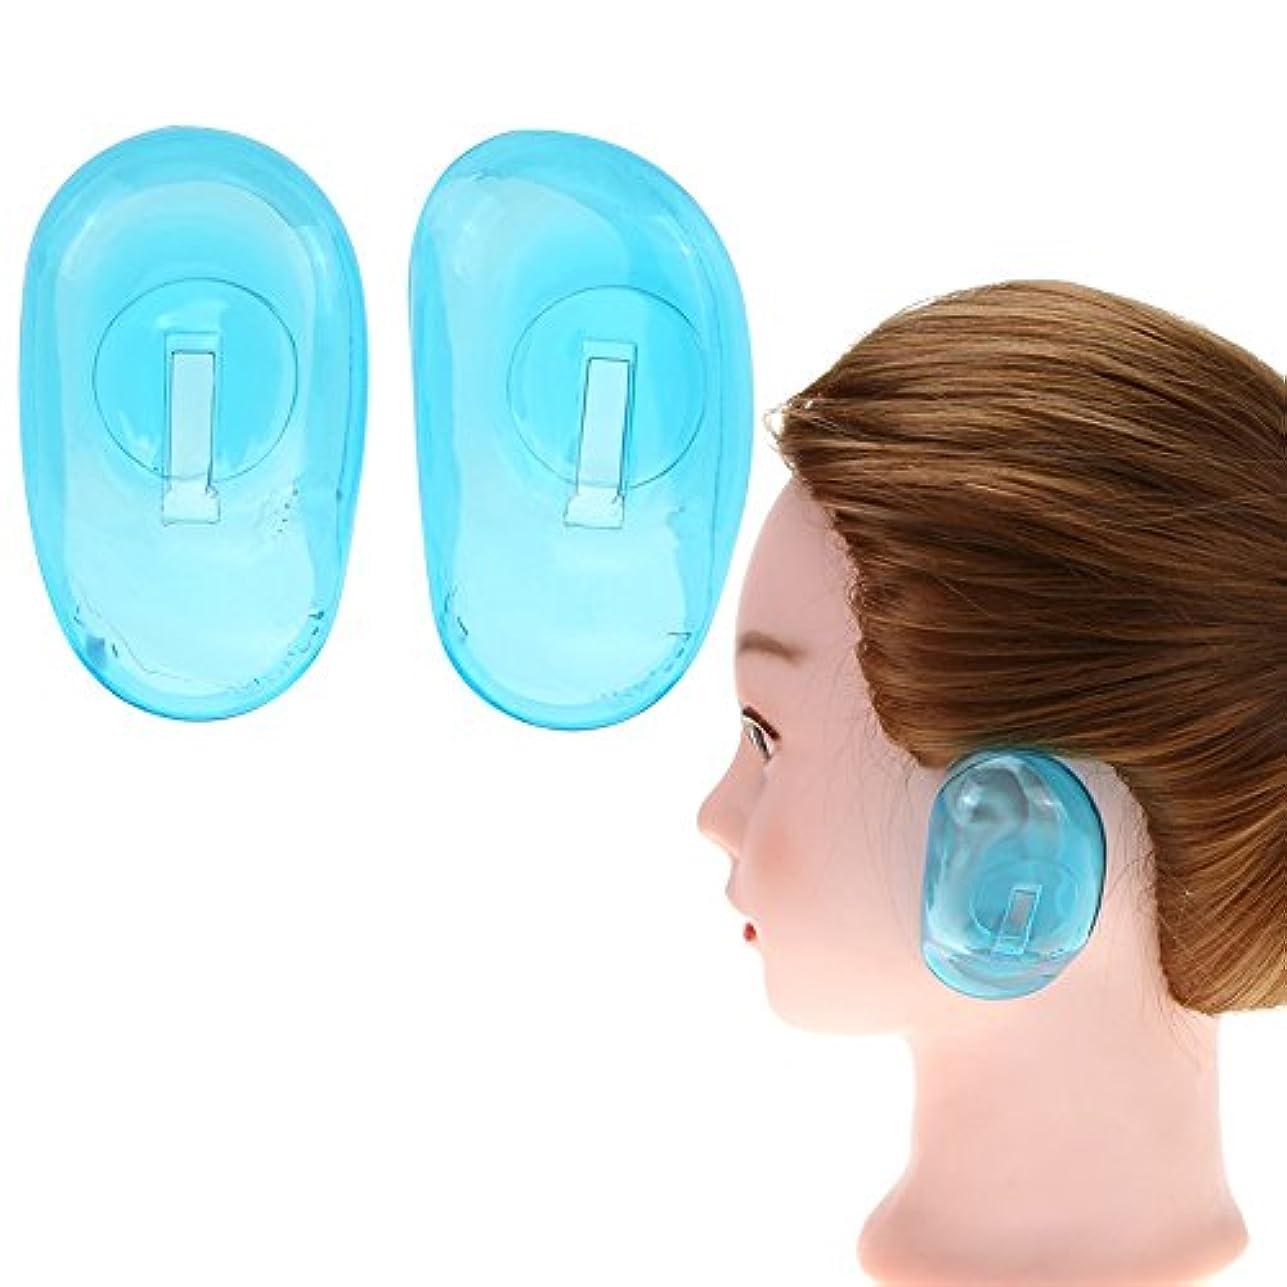 刺すもう一度技術的なRuier-tong 1ペア耳カバー 毛染め用 シリコン製 耳キャップ 柔らかいイヤーキャップ ヘアカラー シャワー 耳保護 ヘアケアツール サロン 洗える 繰り返す使用可能 エコ 8.5x5cm